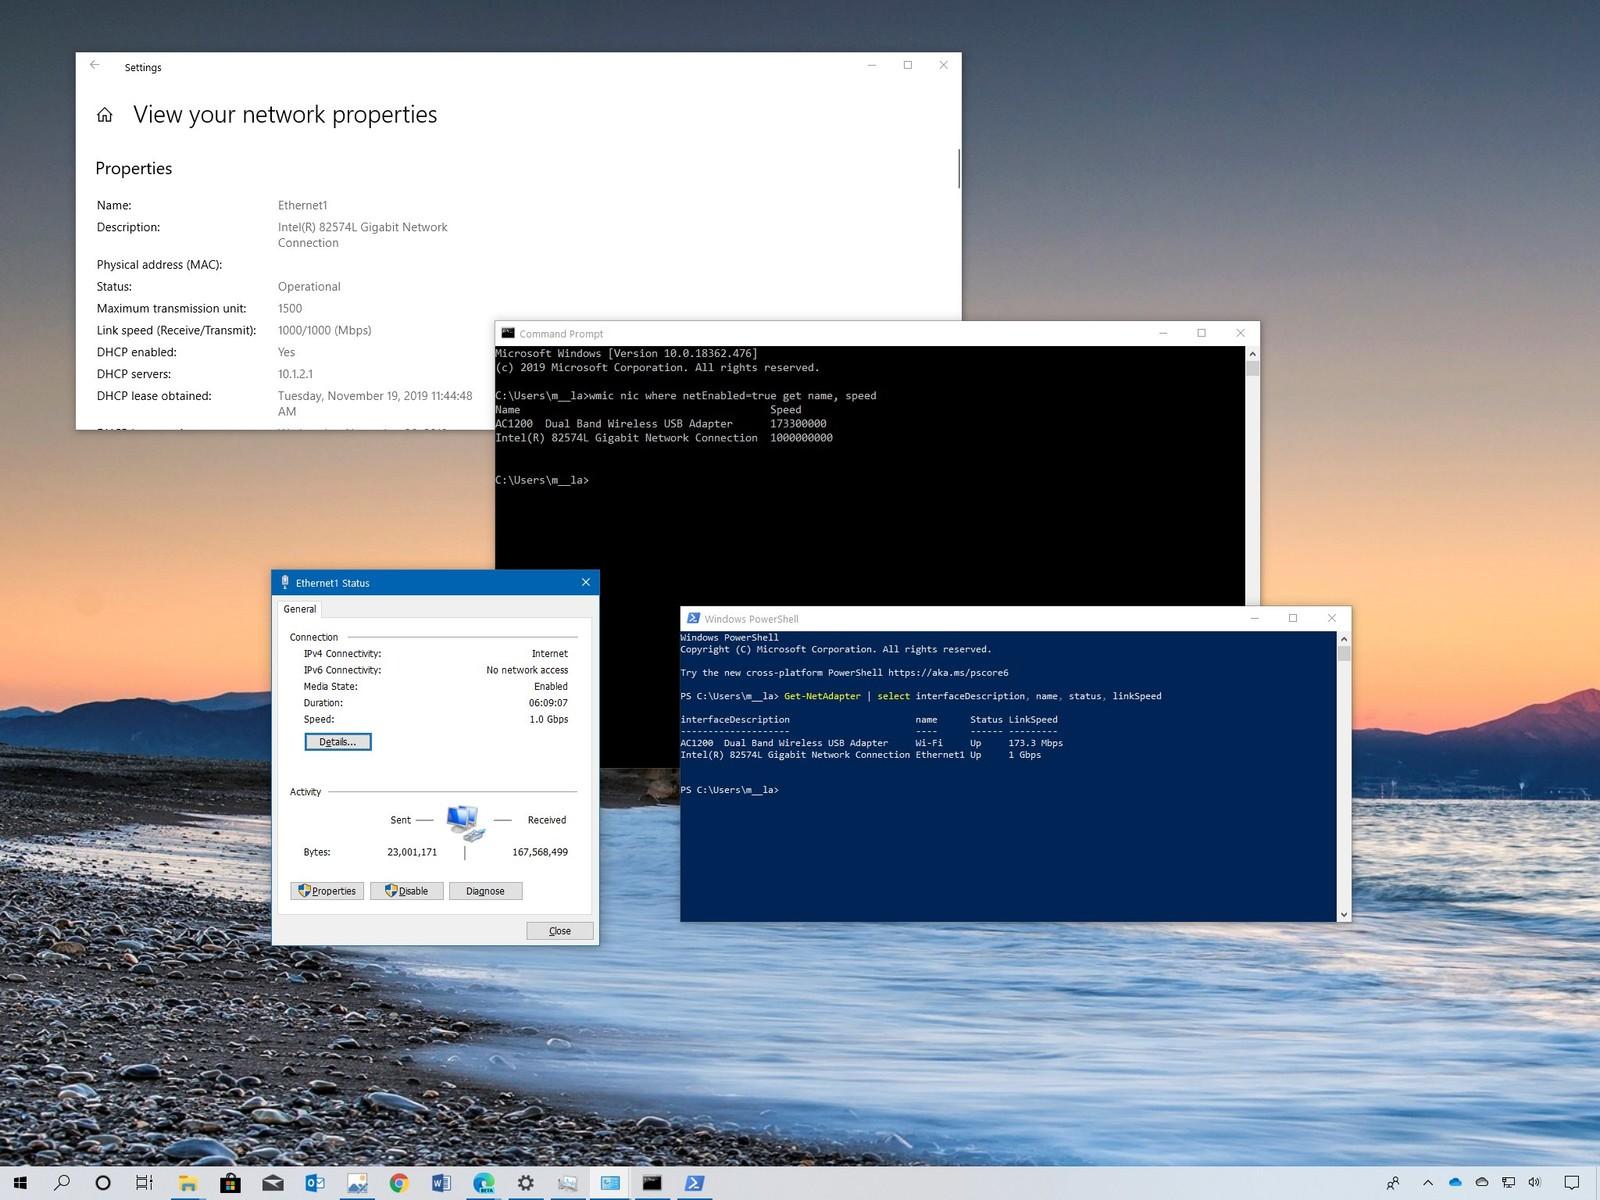 Best Laptop for 1000 Mbps Internet